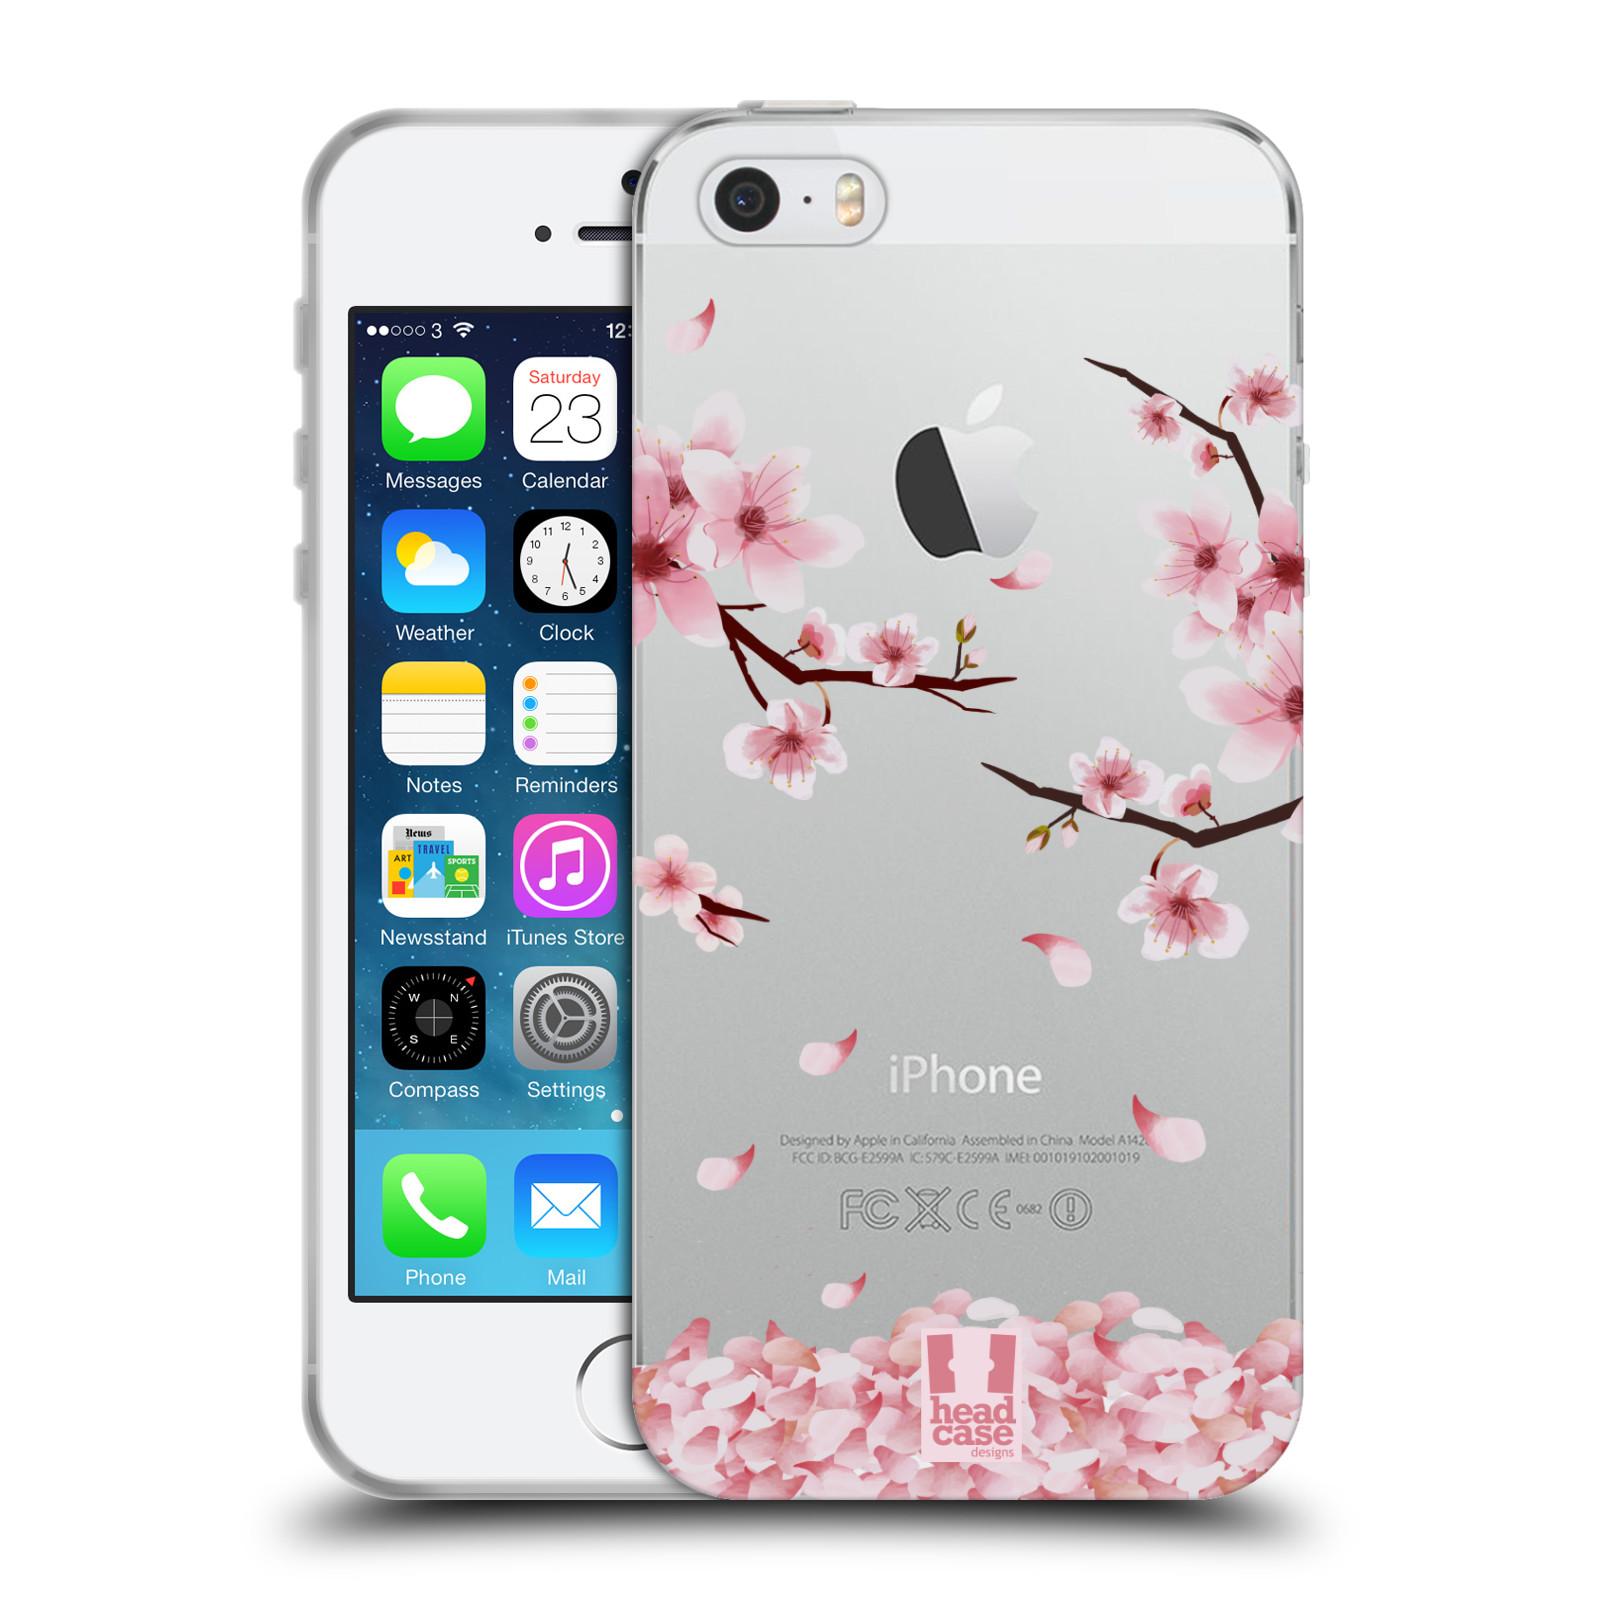 Silikonové pouzdro na mobil Apple iPhone 5, 5S, SE - Head Case - Květy a větvičky